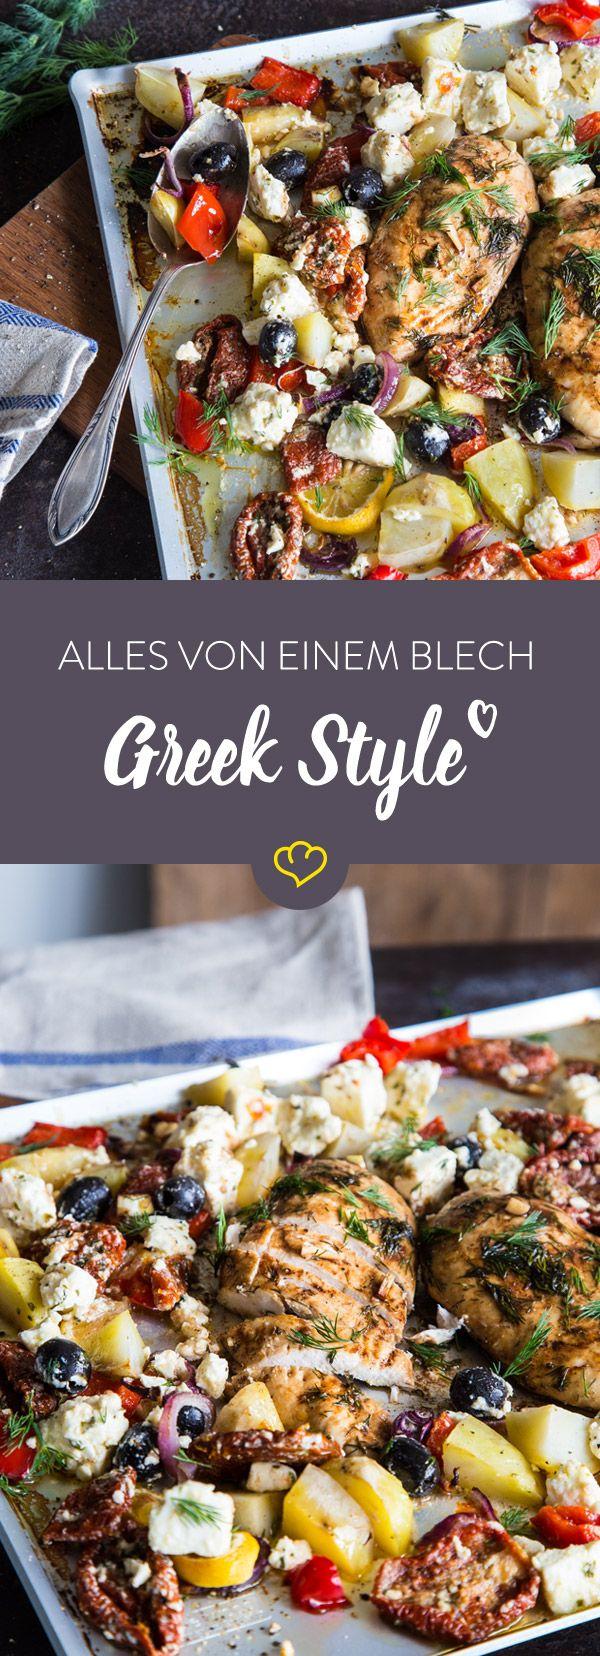 Hier mischen sich zu Hähnchen, Kartoffeln und Paprika noch Oliven, Feta und getrocknete Tomaten mit aufs Backblech. Für dein Essen à la Greek Style!